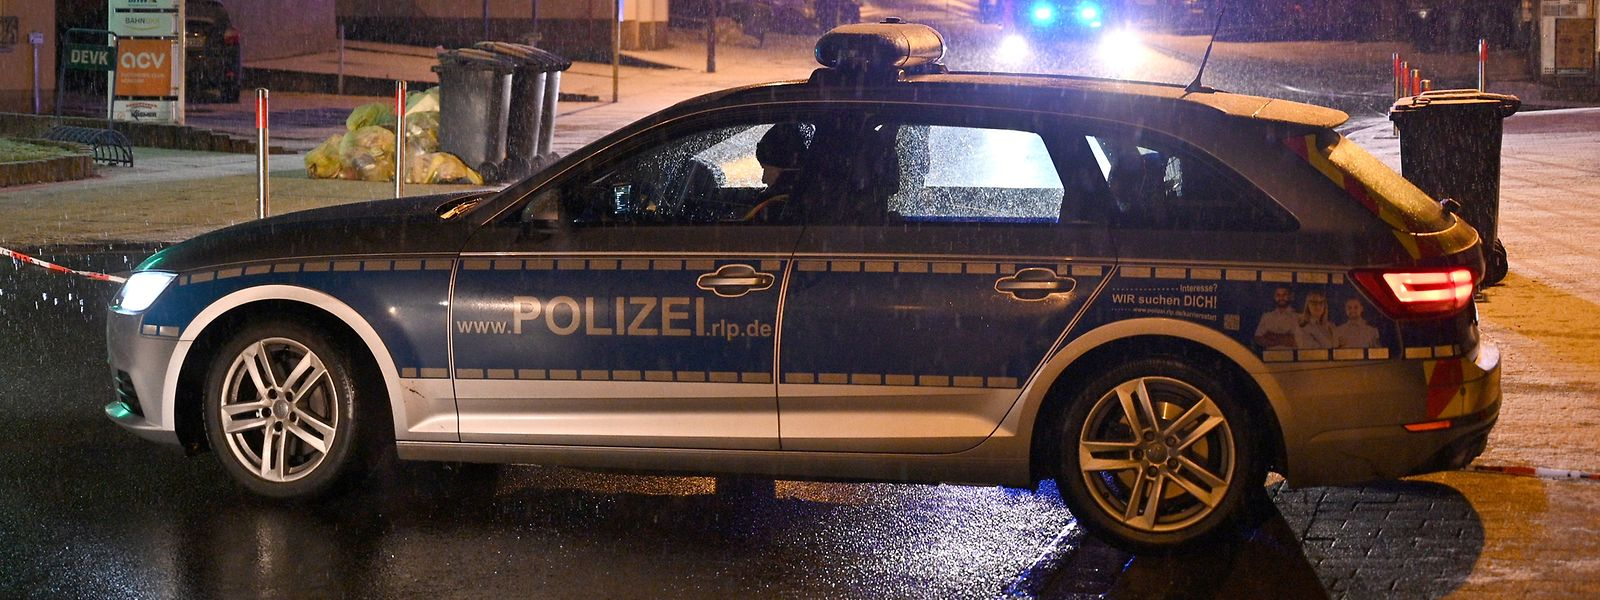 Die Polizei nahm in Igel drei Männer fest, zwei davon sind Luxemburger.